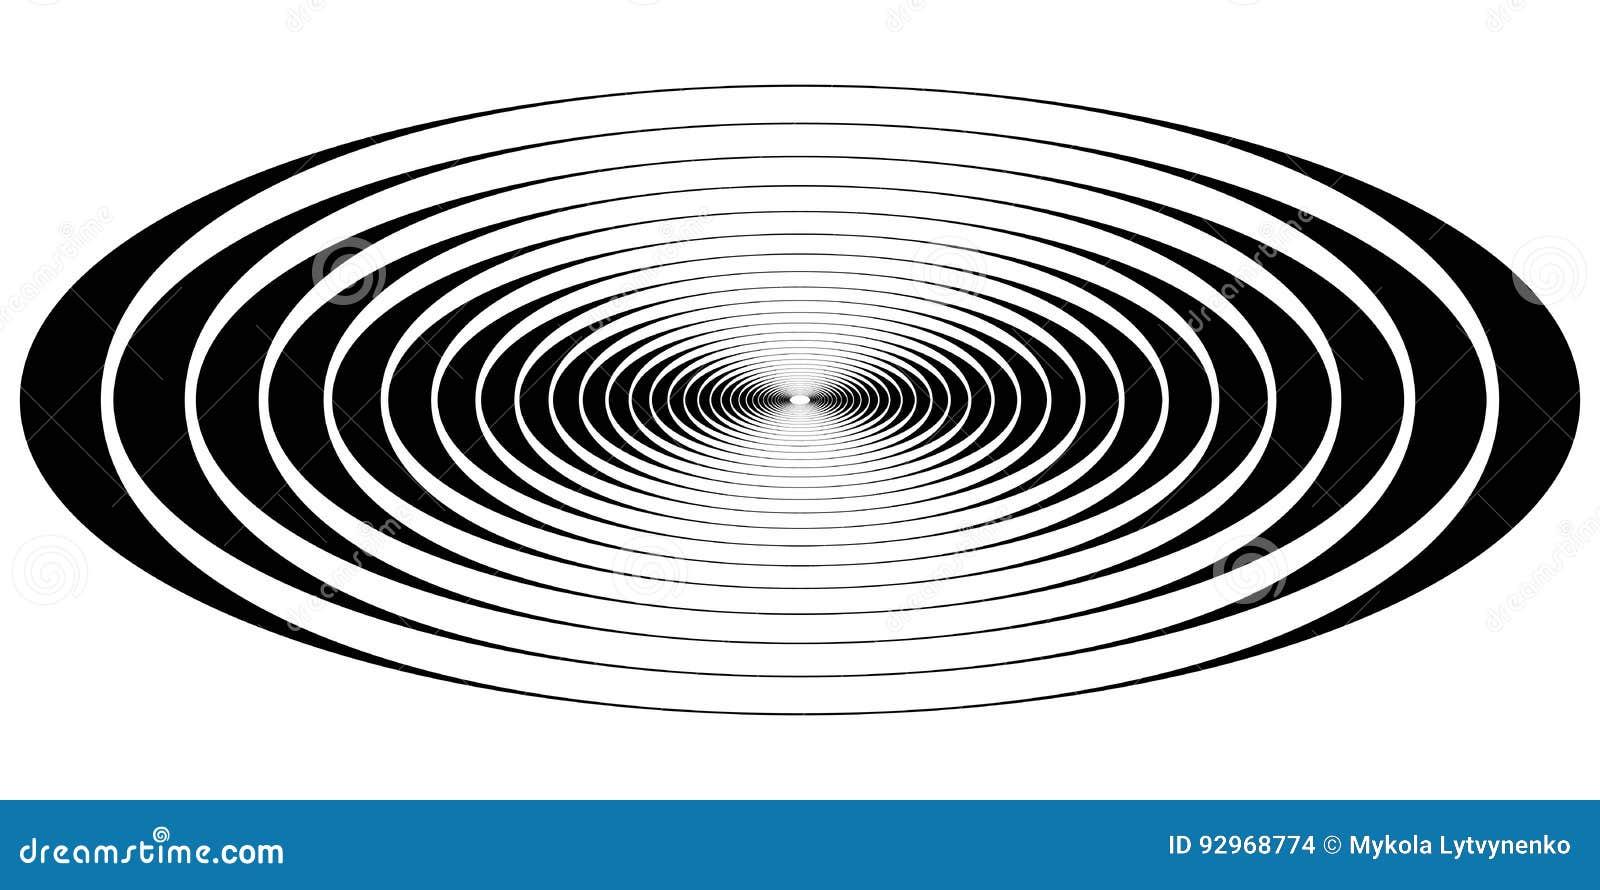 Vagues ovales de résonance de cercle concentrique